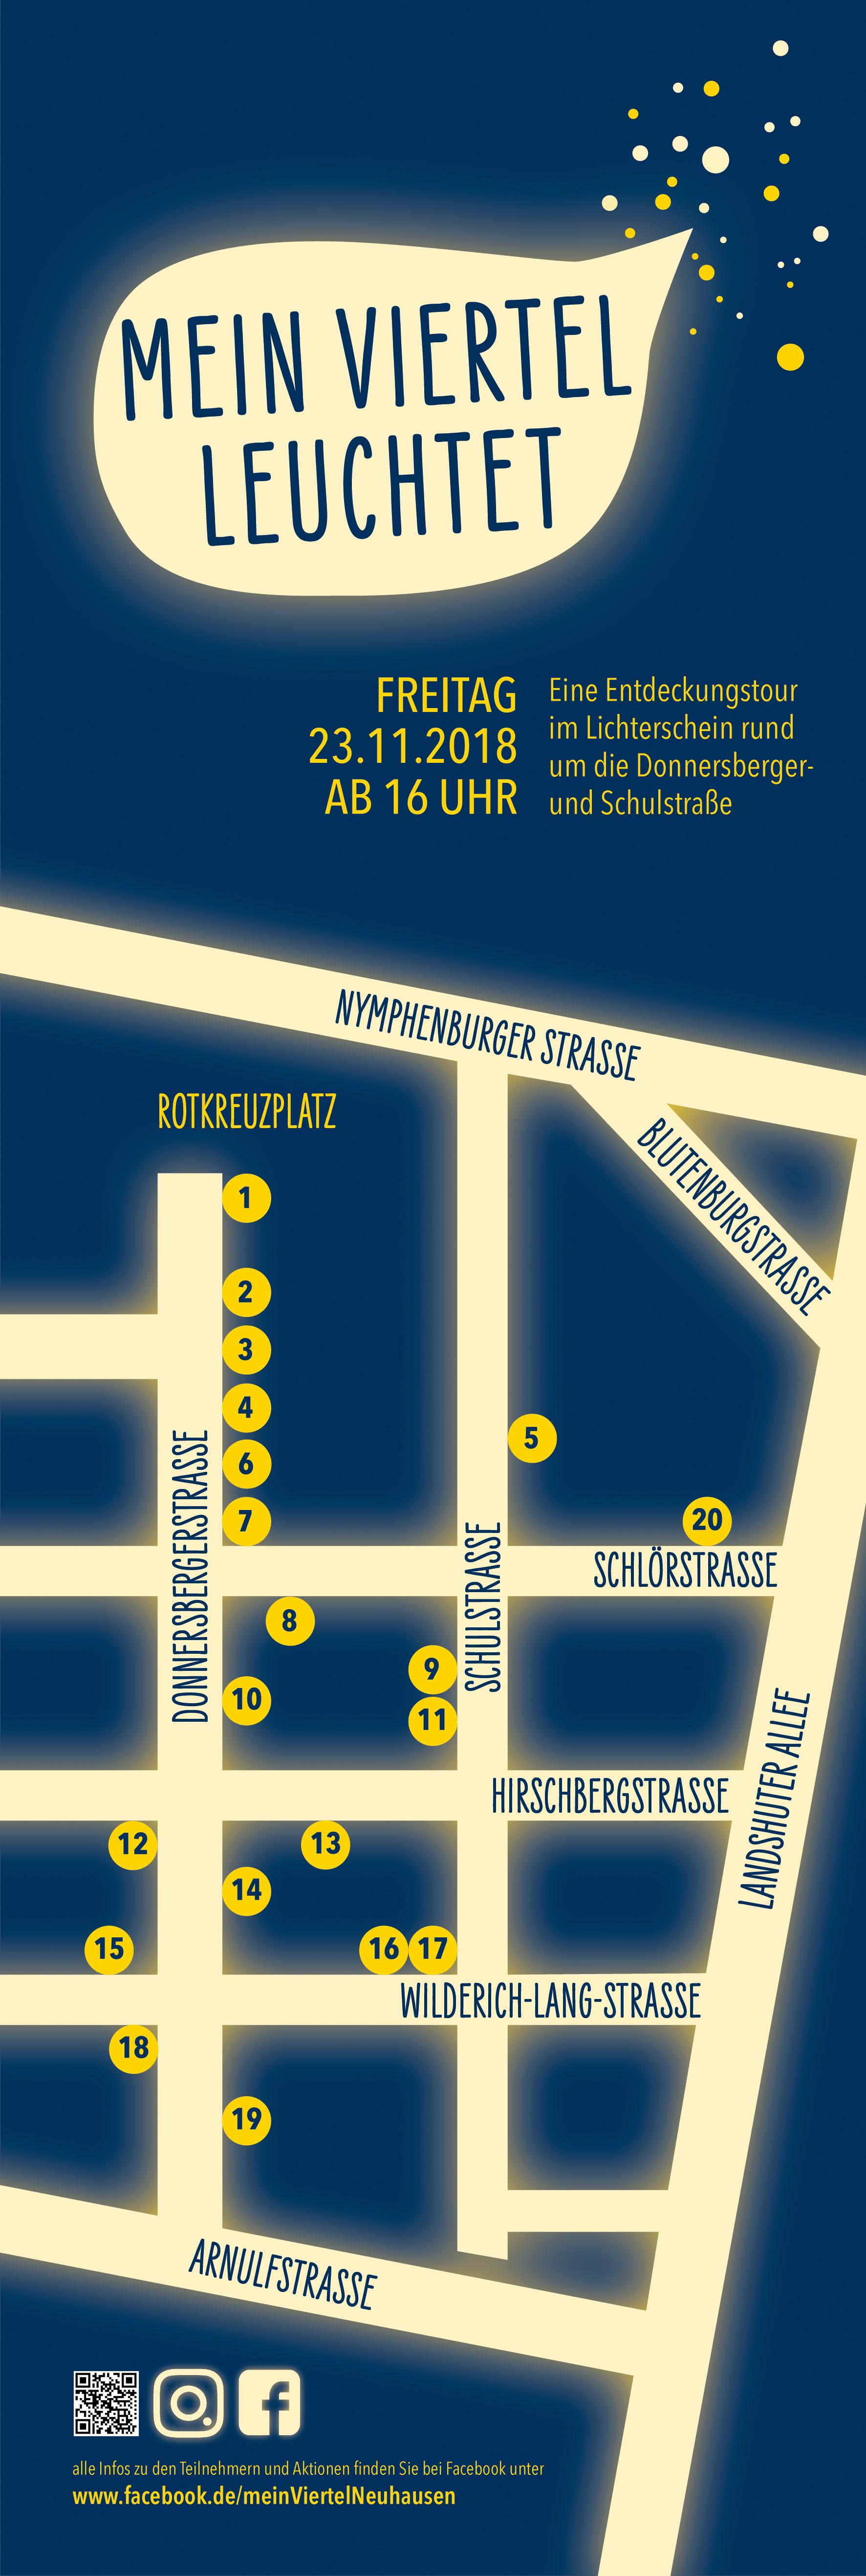 181114 Mein Viertel Leuchtet Flyer Innen